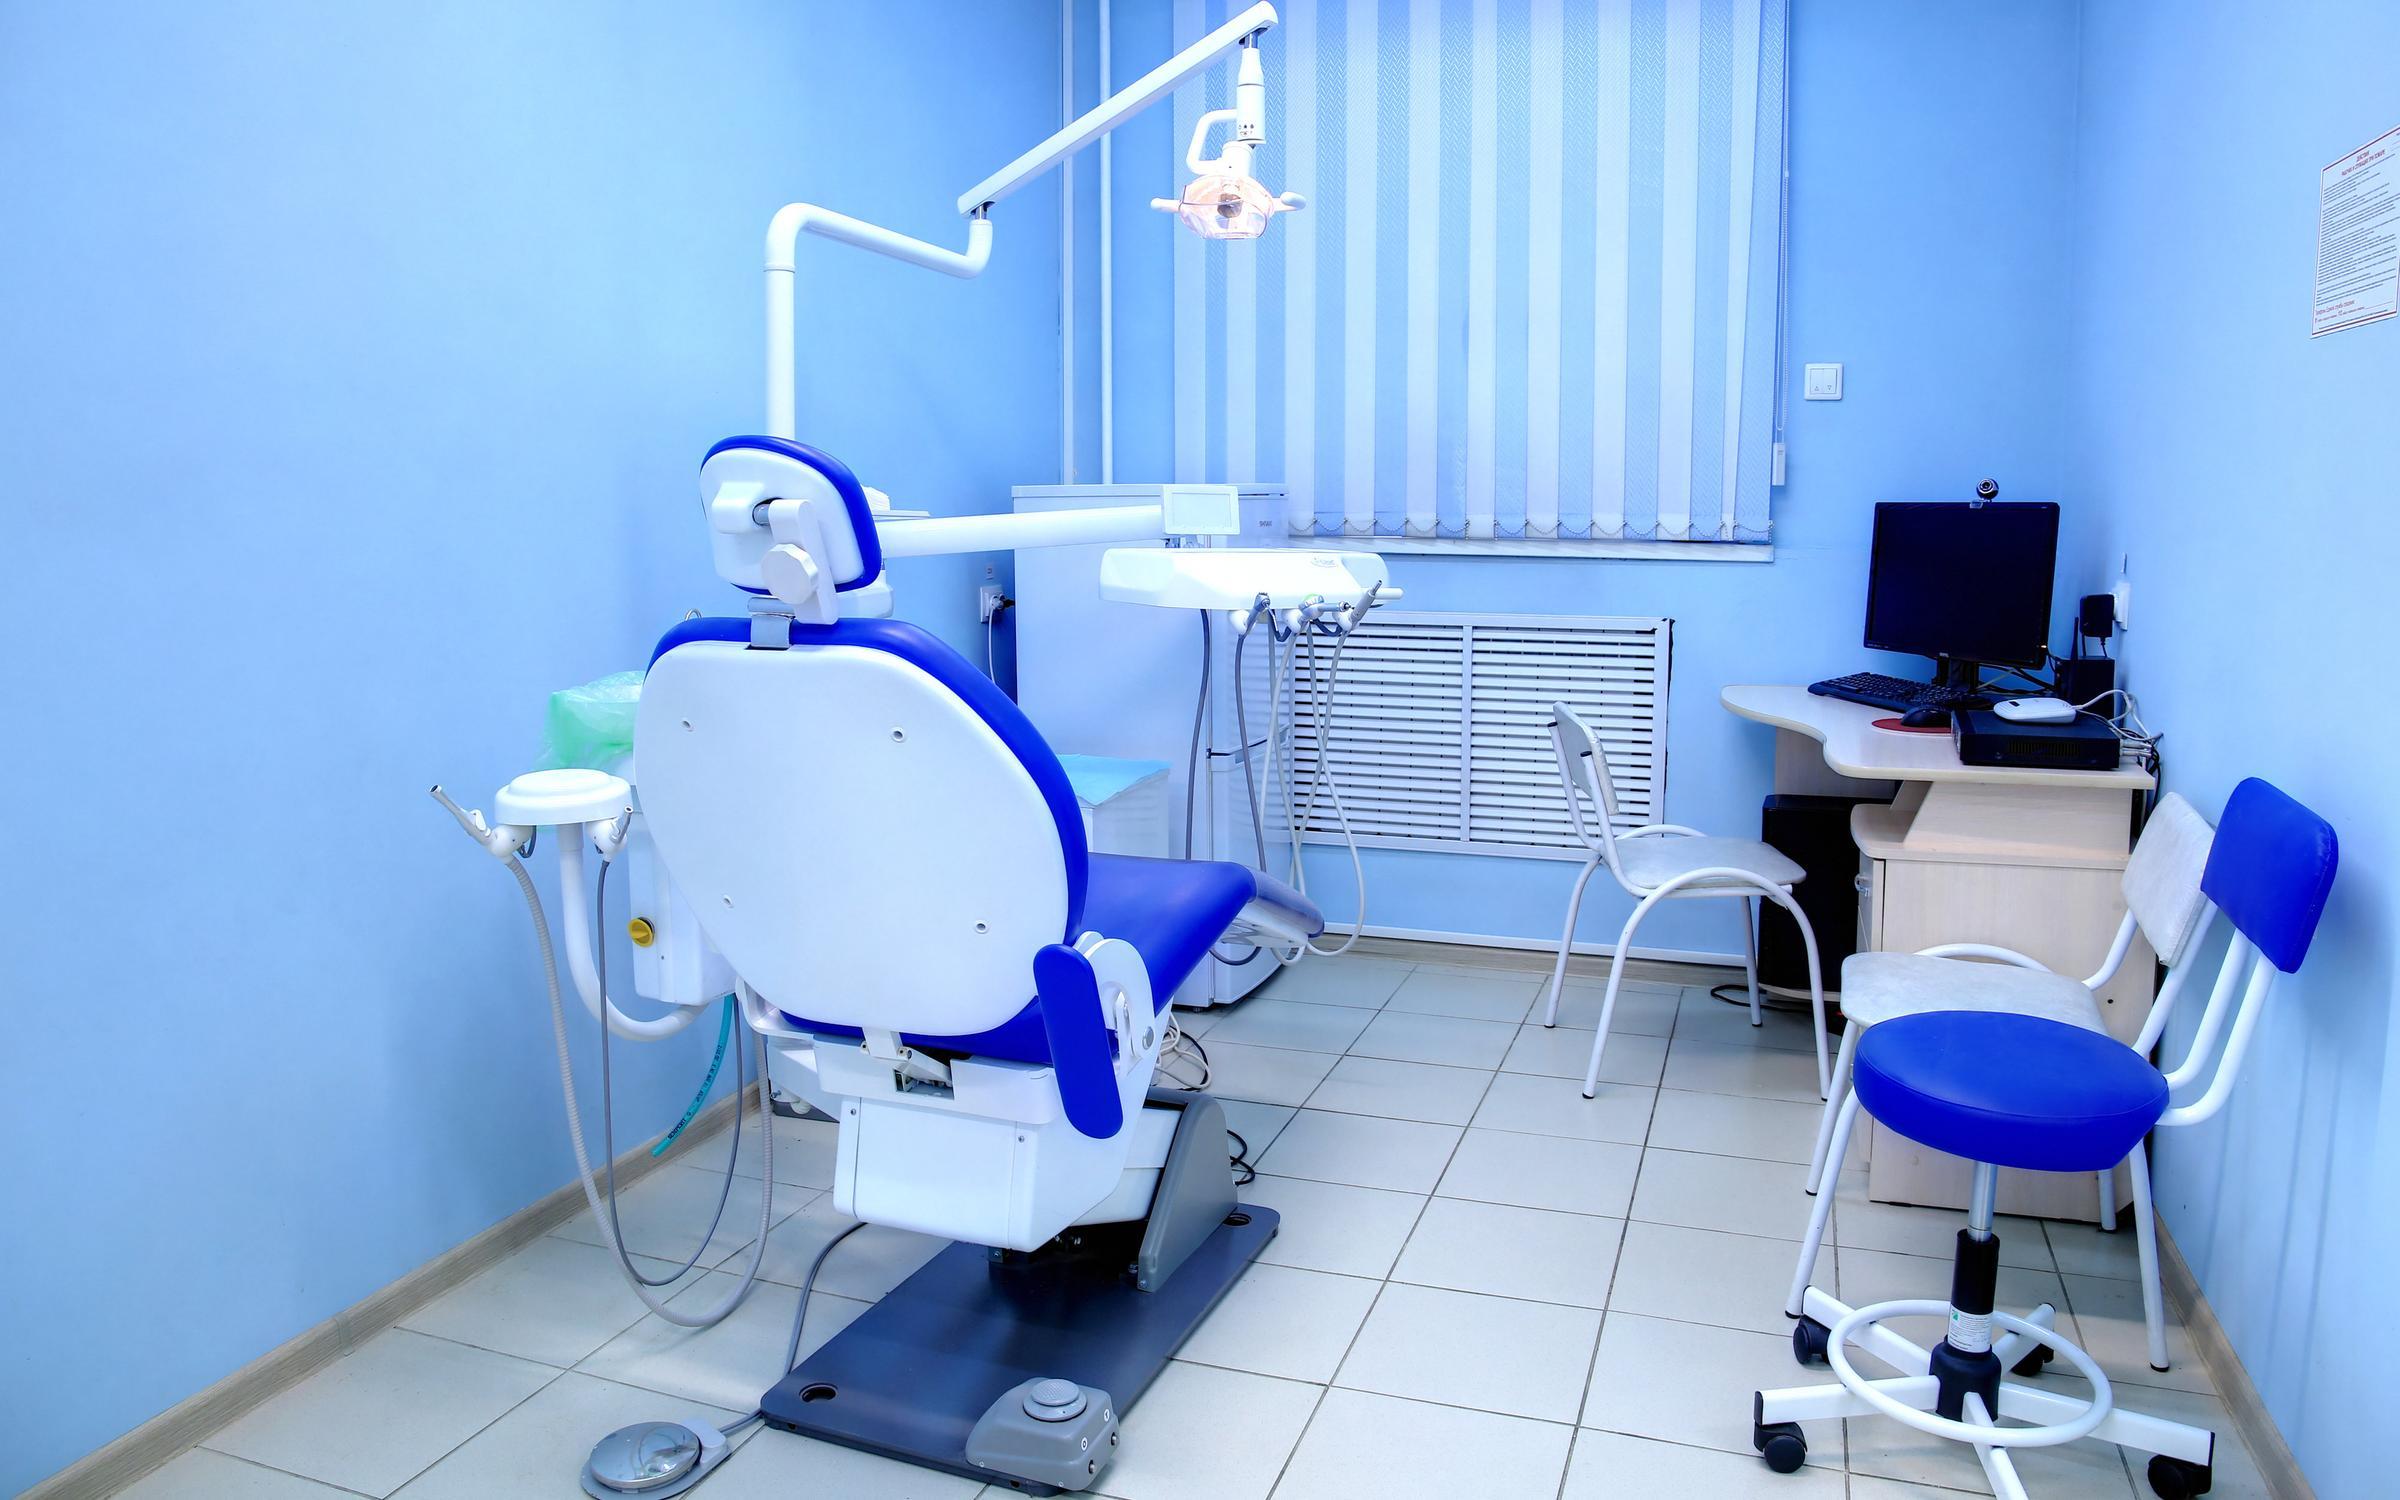 фотография Стоматологической клиники Дентал-Н на улице Героя Рябцева